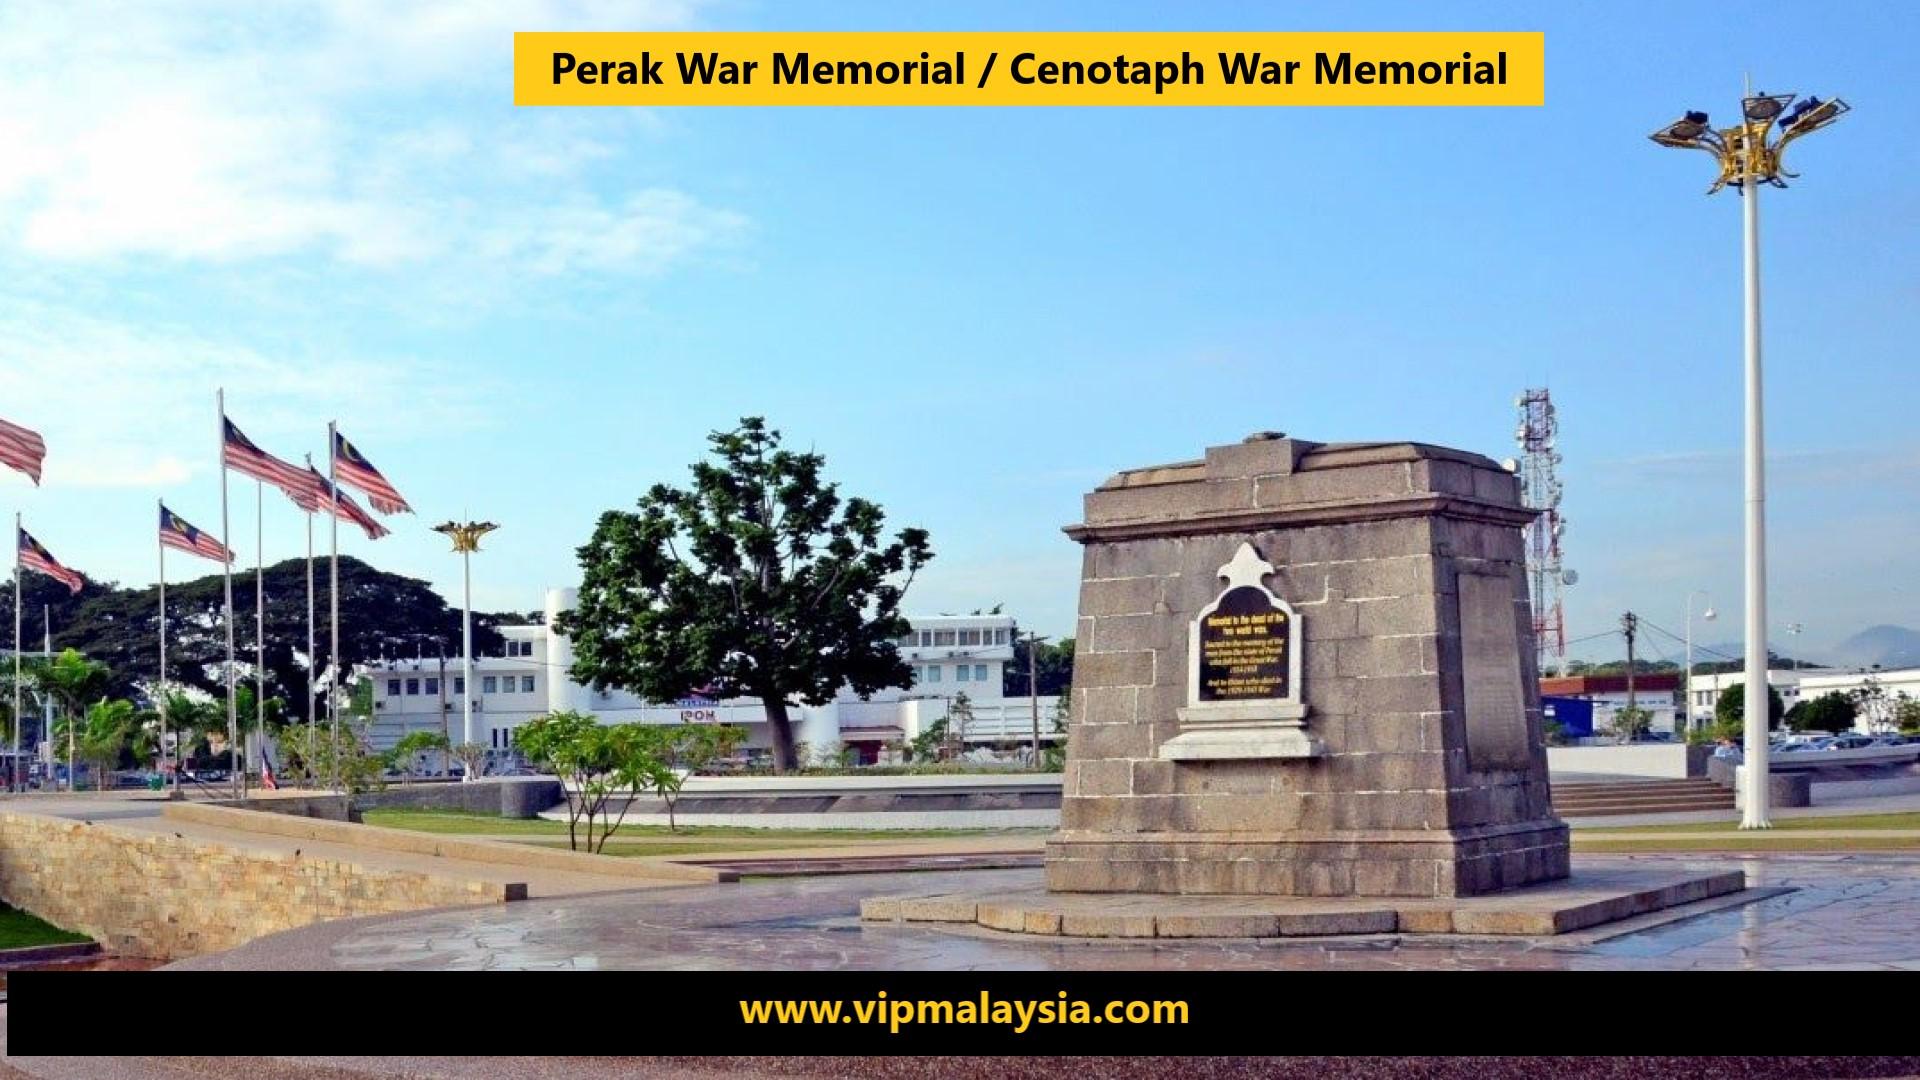 Perak War Memorial / Cenotaph War Memorial